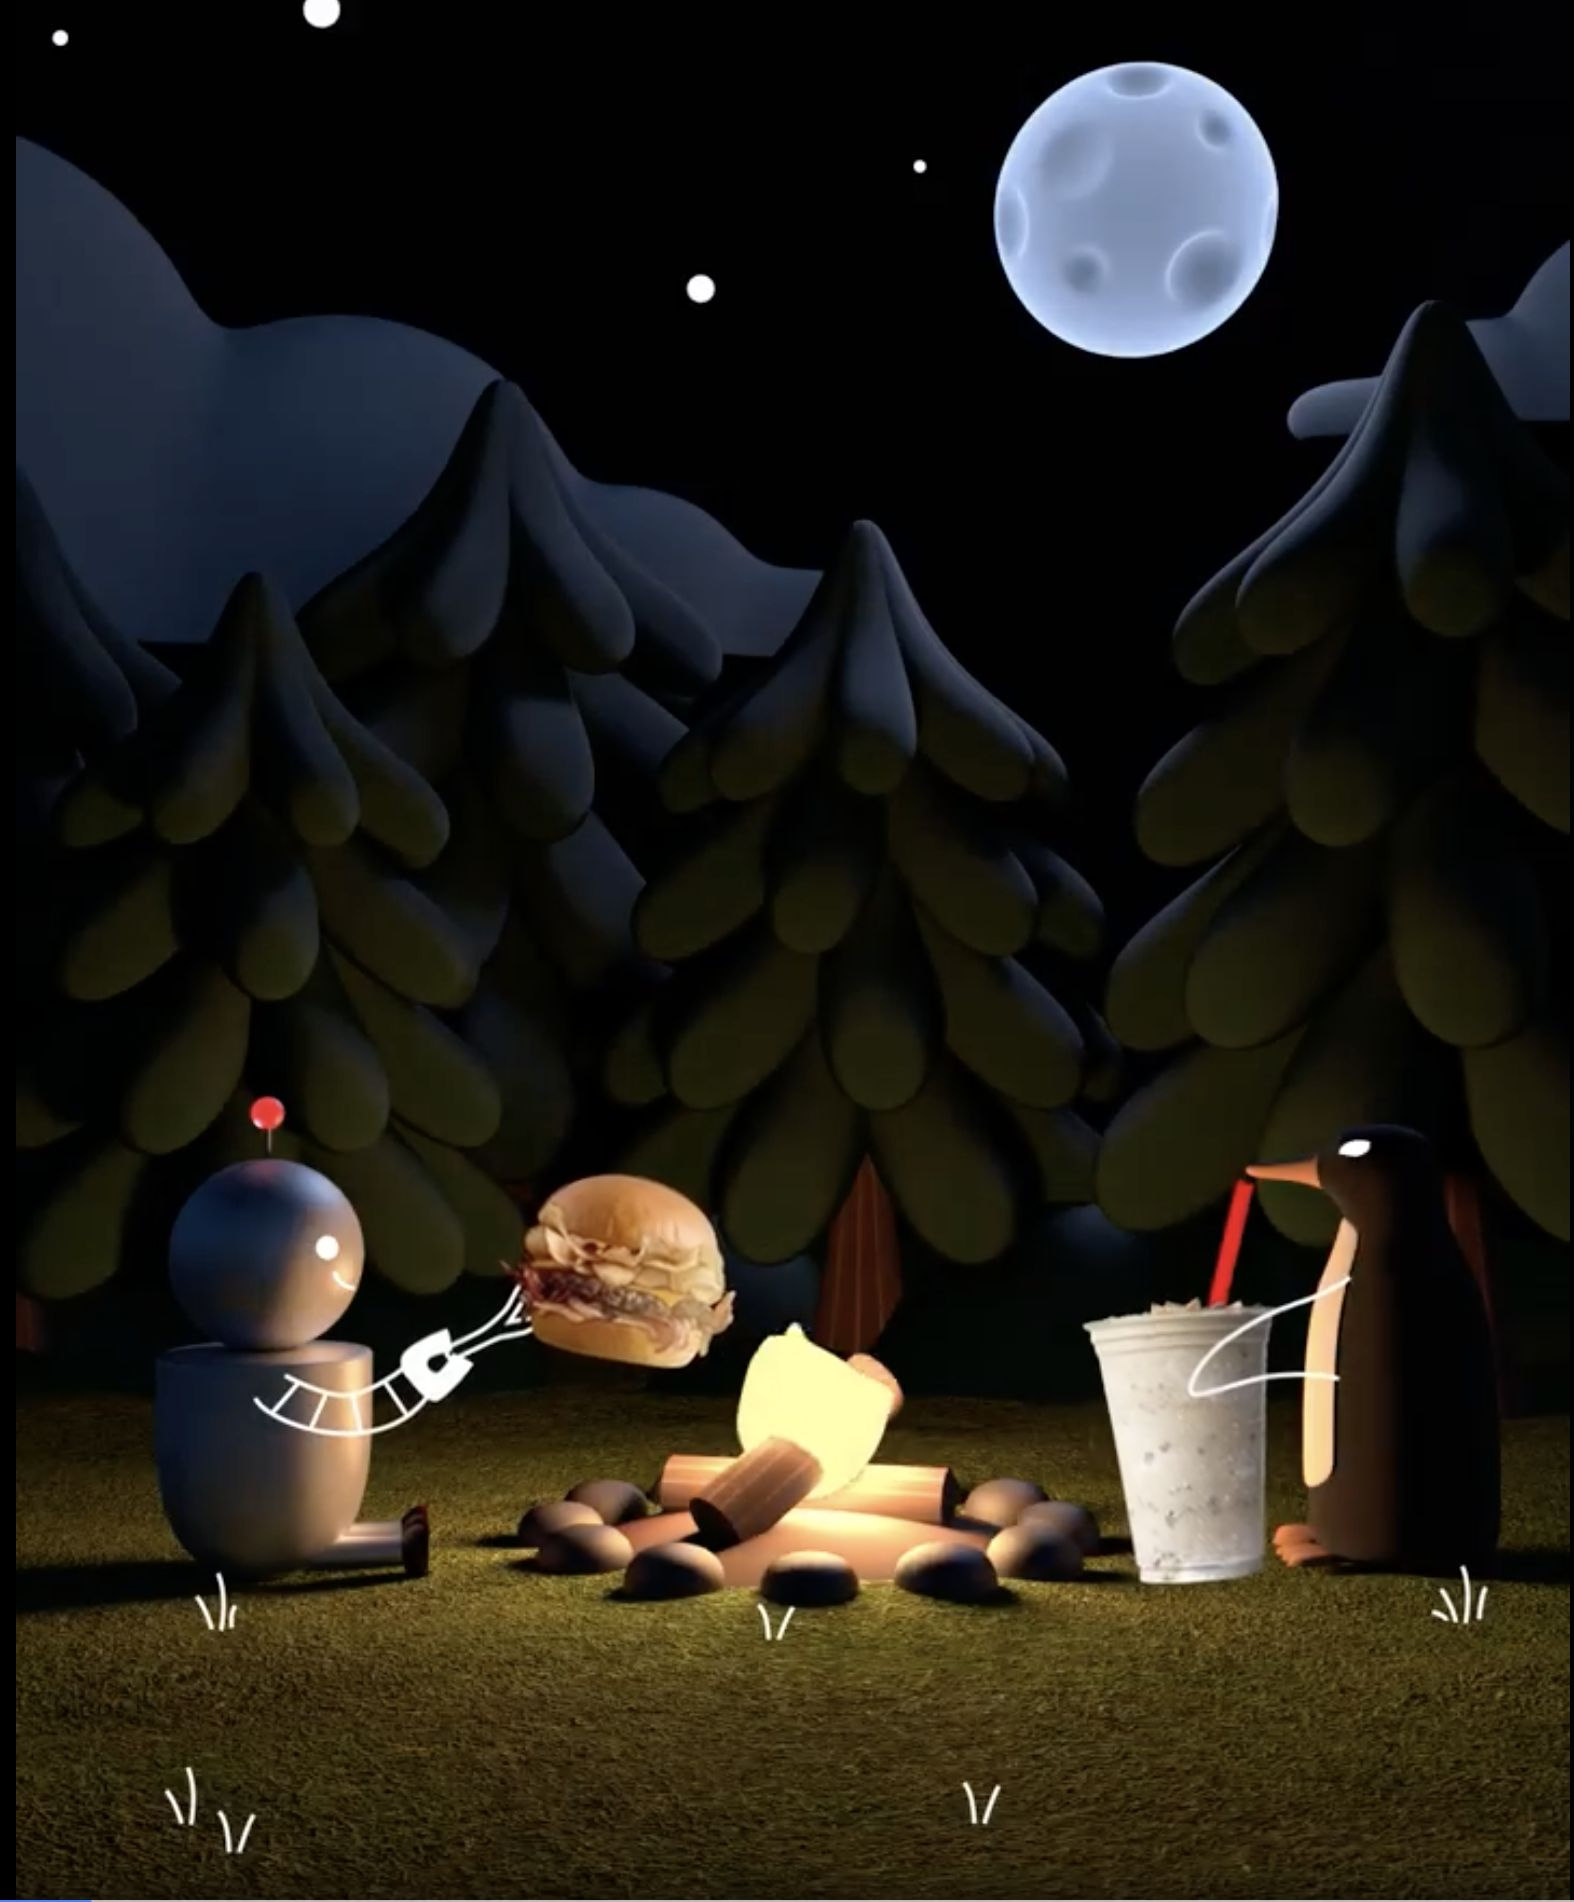 MOOYAH Burgers, Fries & Shakes s'associe à l'agence Habitat pour les réseaux sociaux